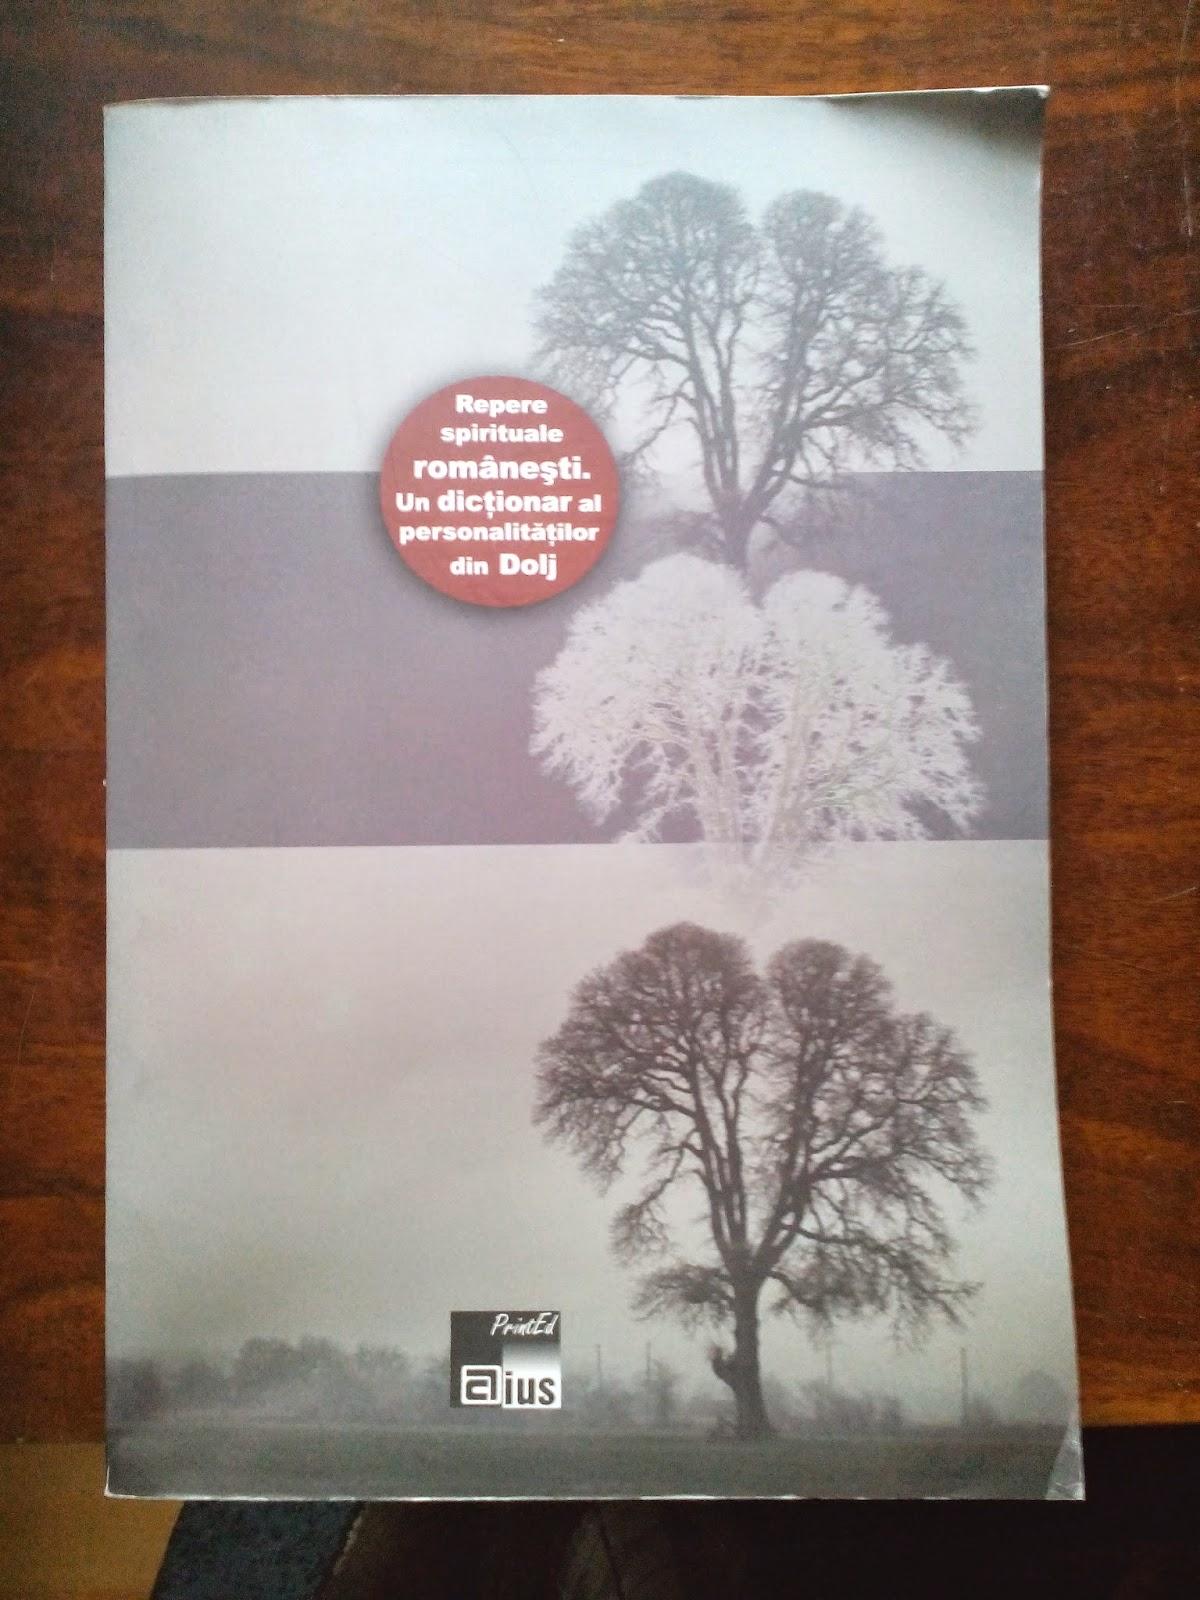 Tudor Nedelcea - Repere spirituale romanesti